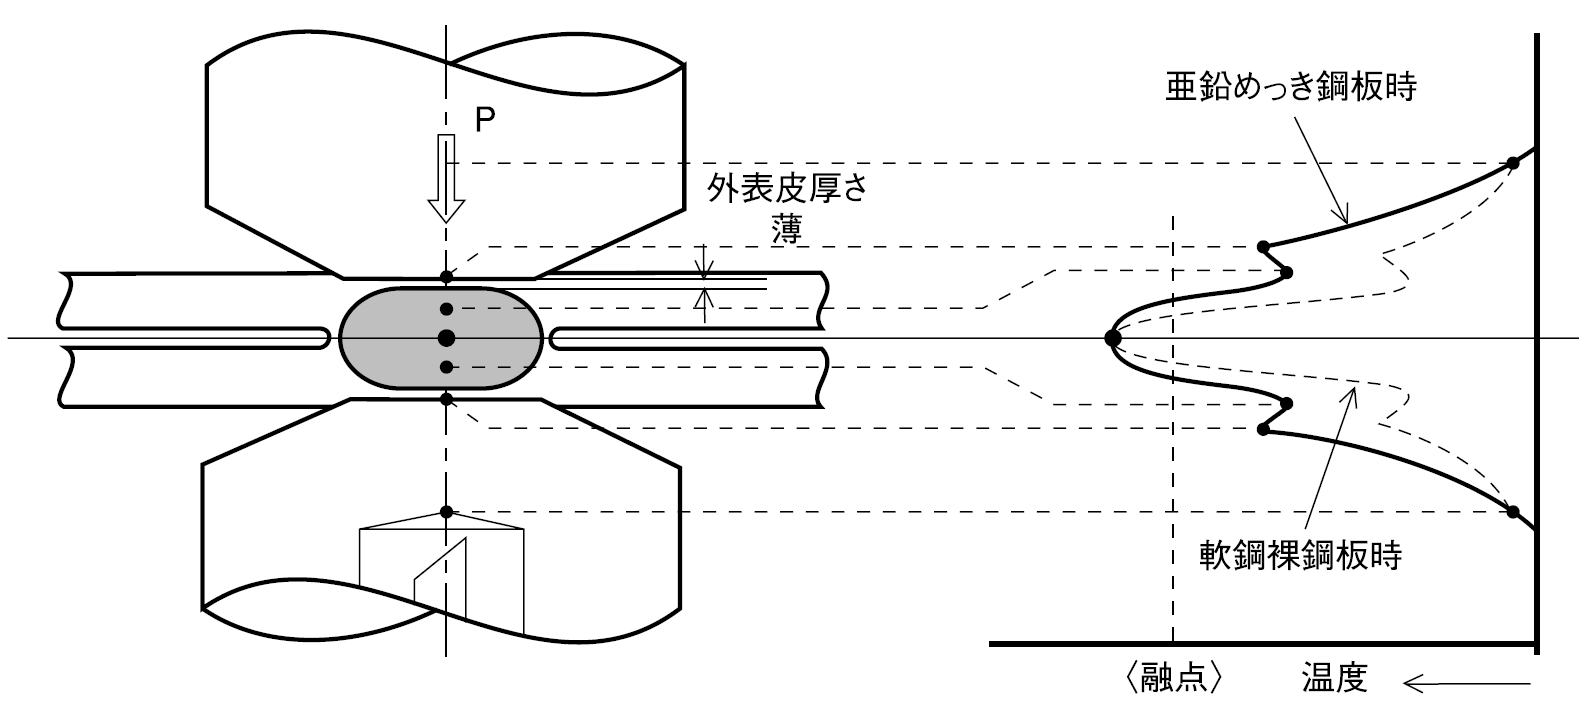 図004-01